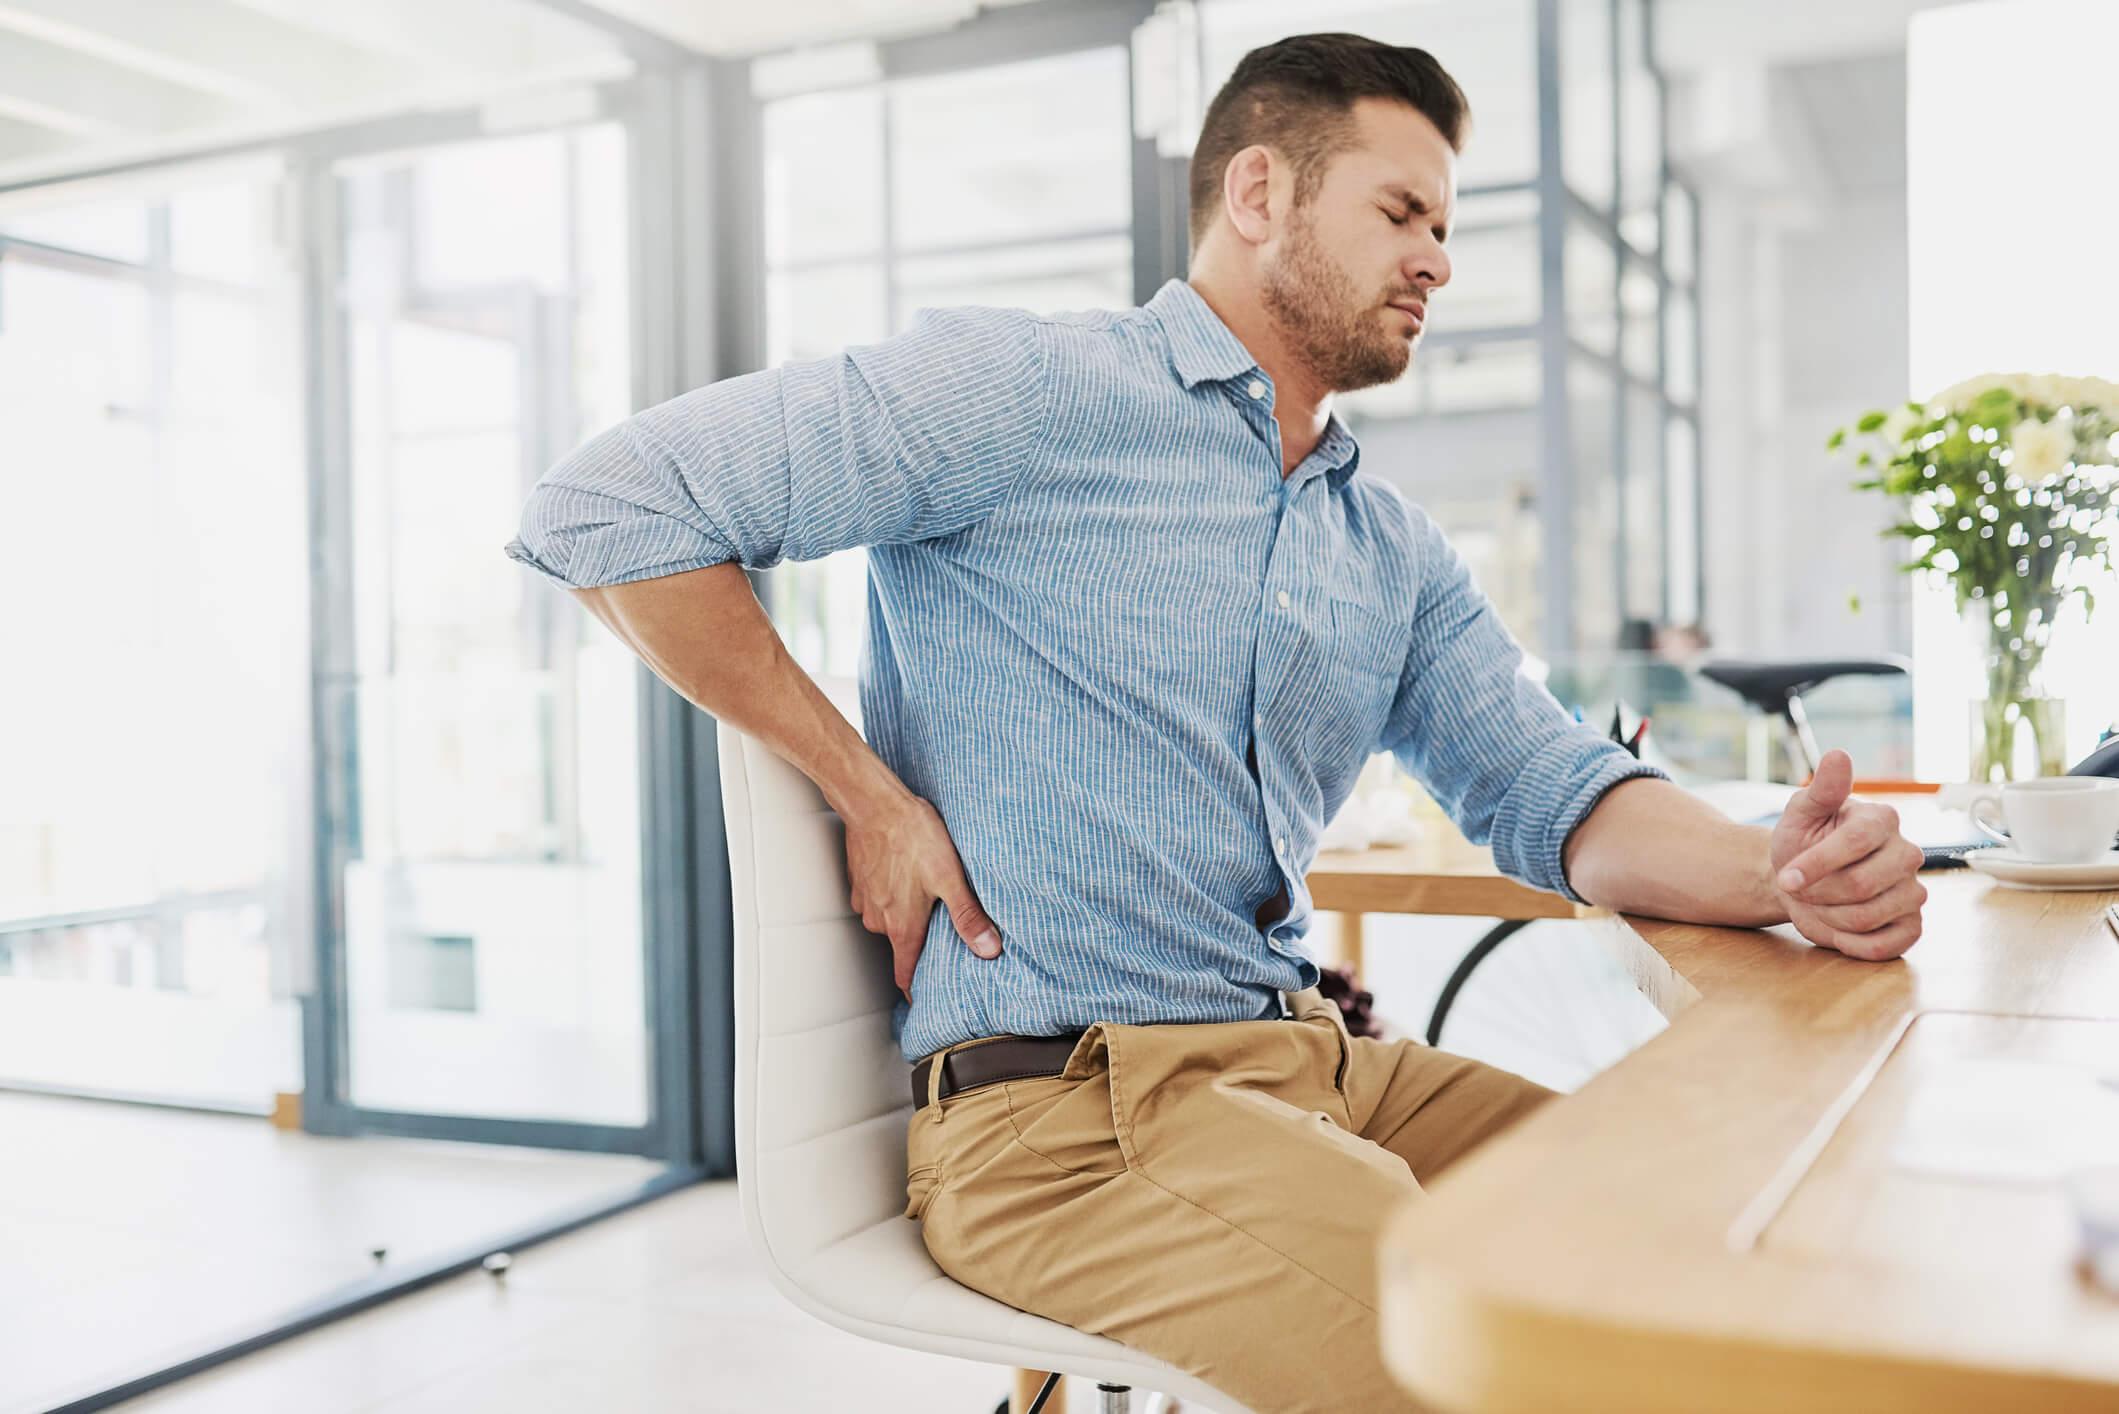 Saiba quais os perigos da má postura e como melhorá-la